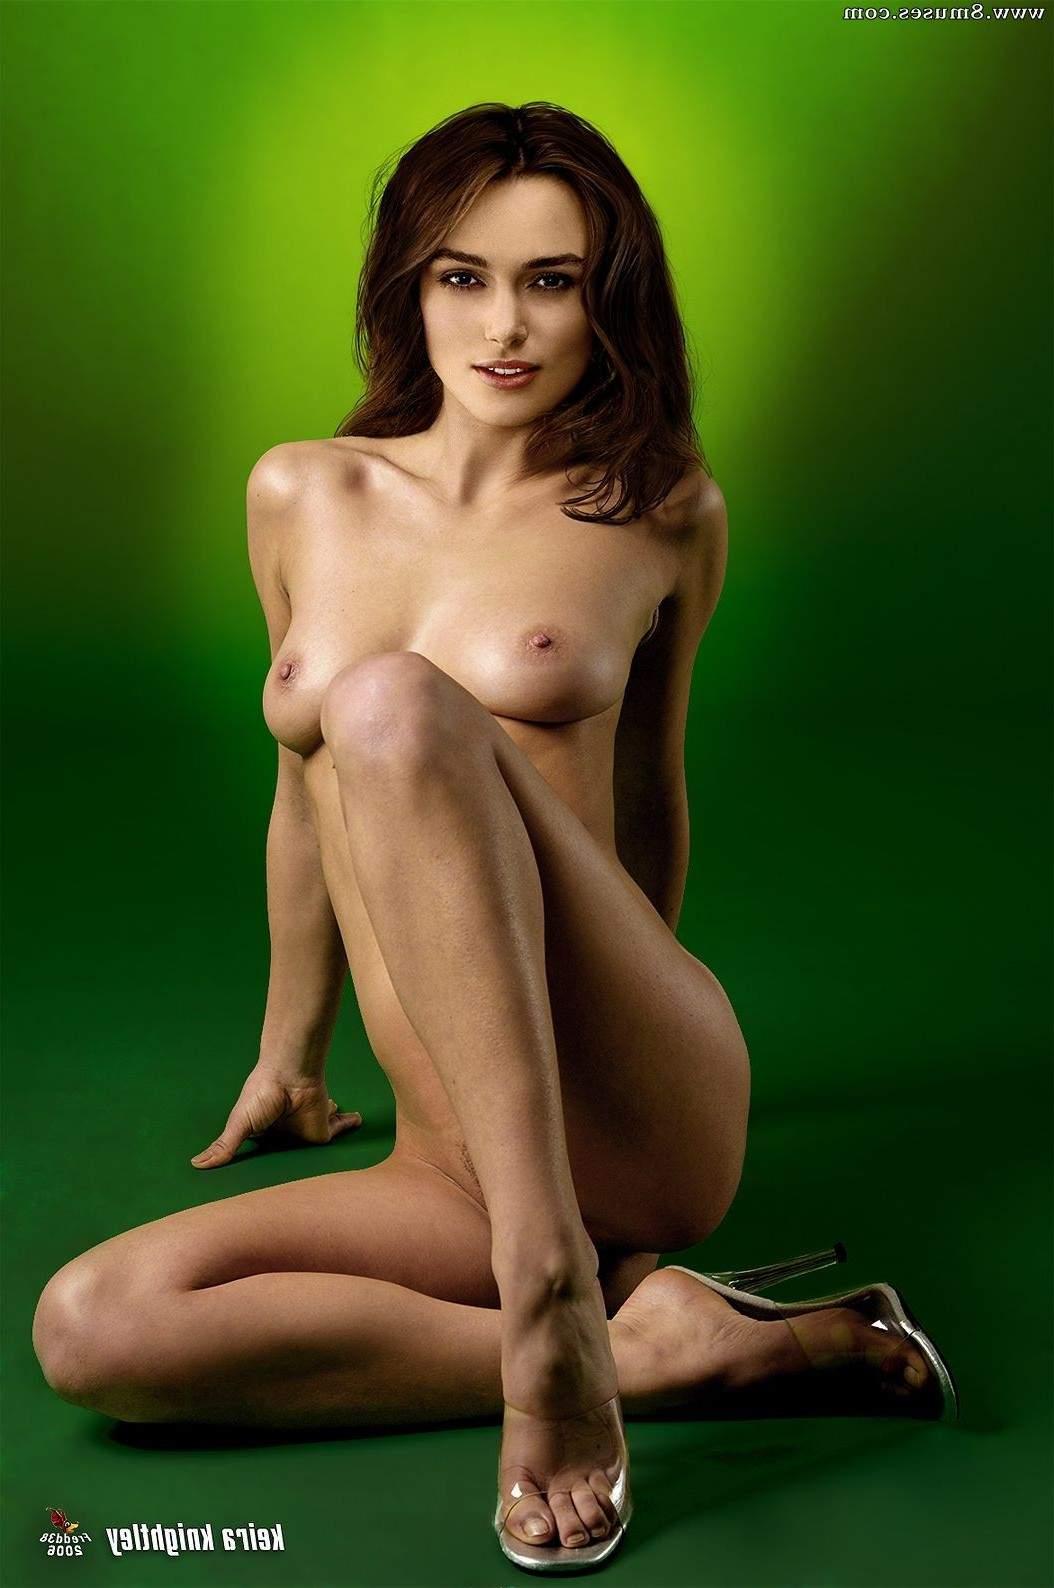 Keira Knightley Nude Photos